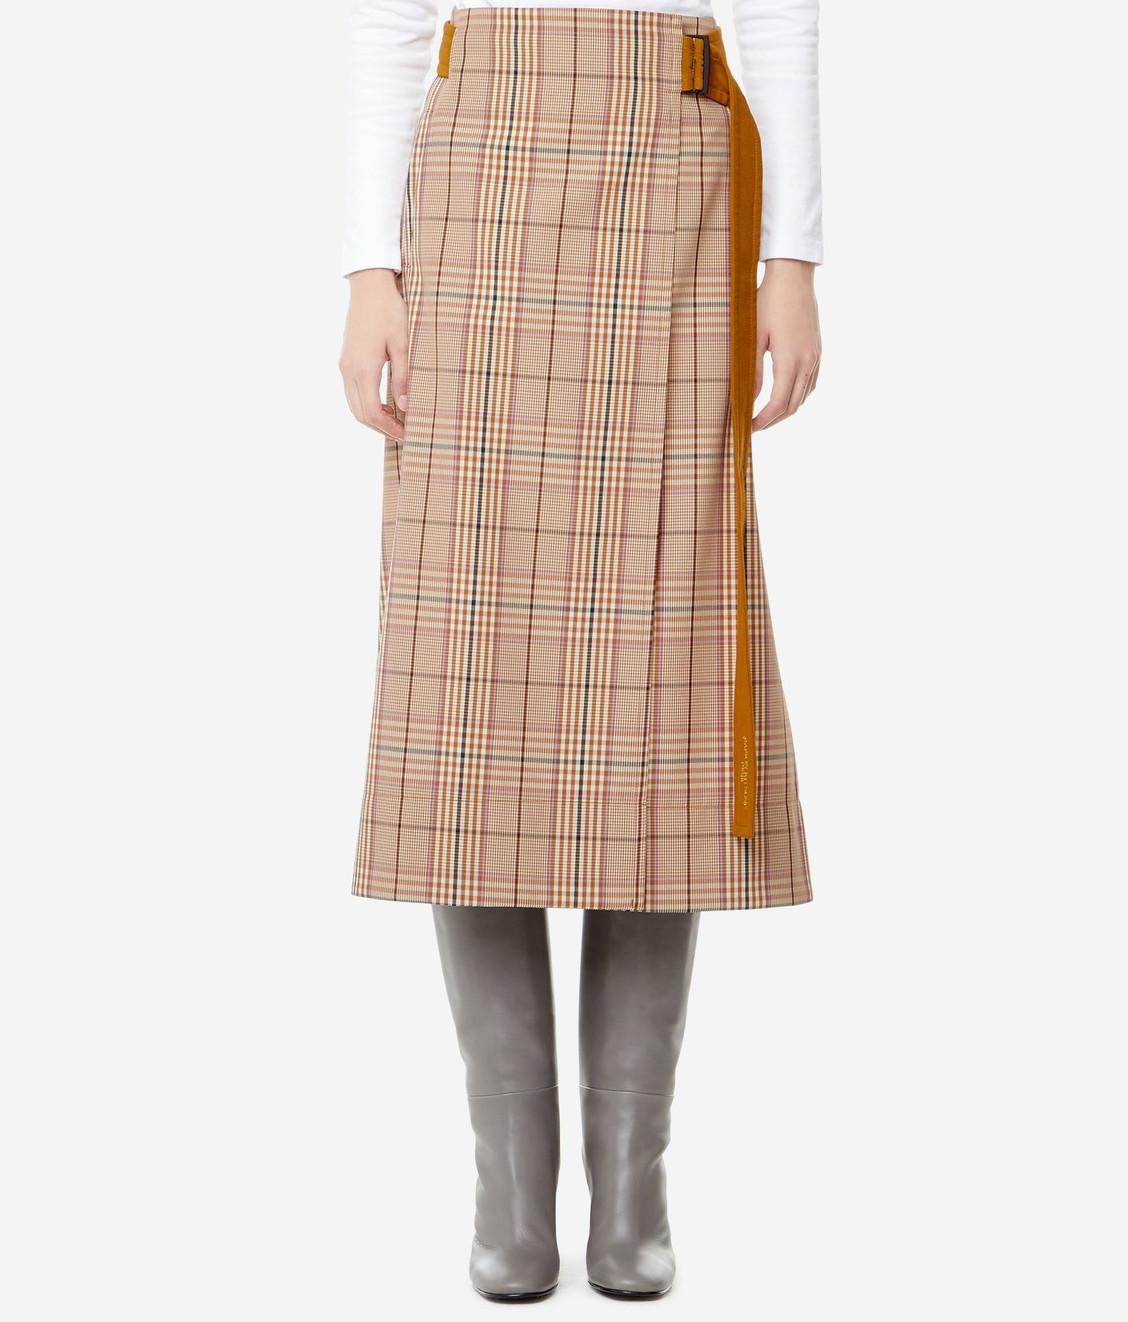 Maison Kitsune Kitsune Wrap Skirt Rust Check